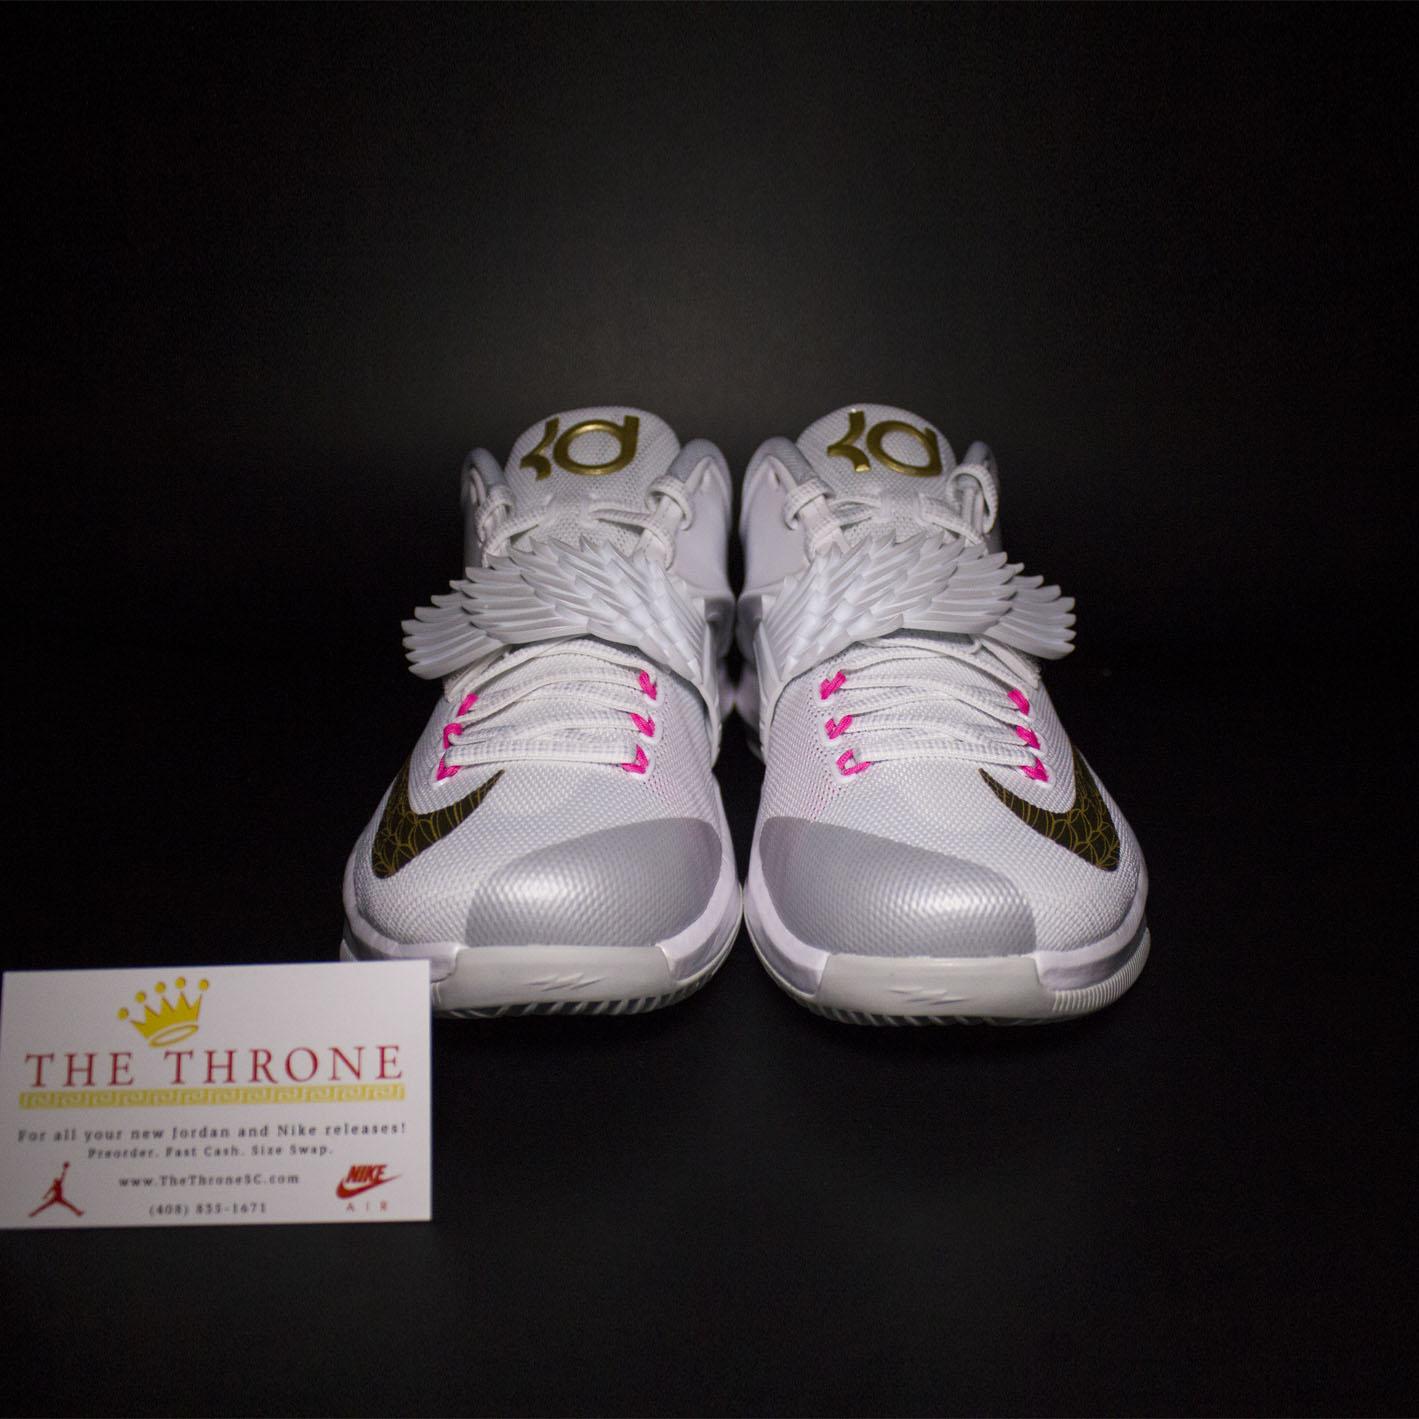 separation shoes 6a5eb d5ece ... top quality nike kd 7 premium aunt pearl a4234 e0cc7